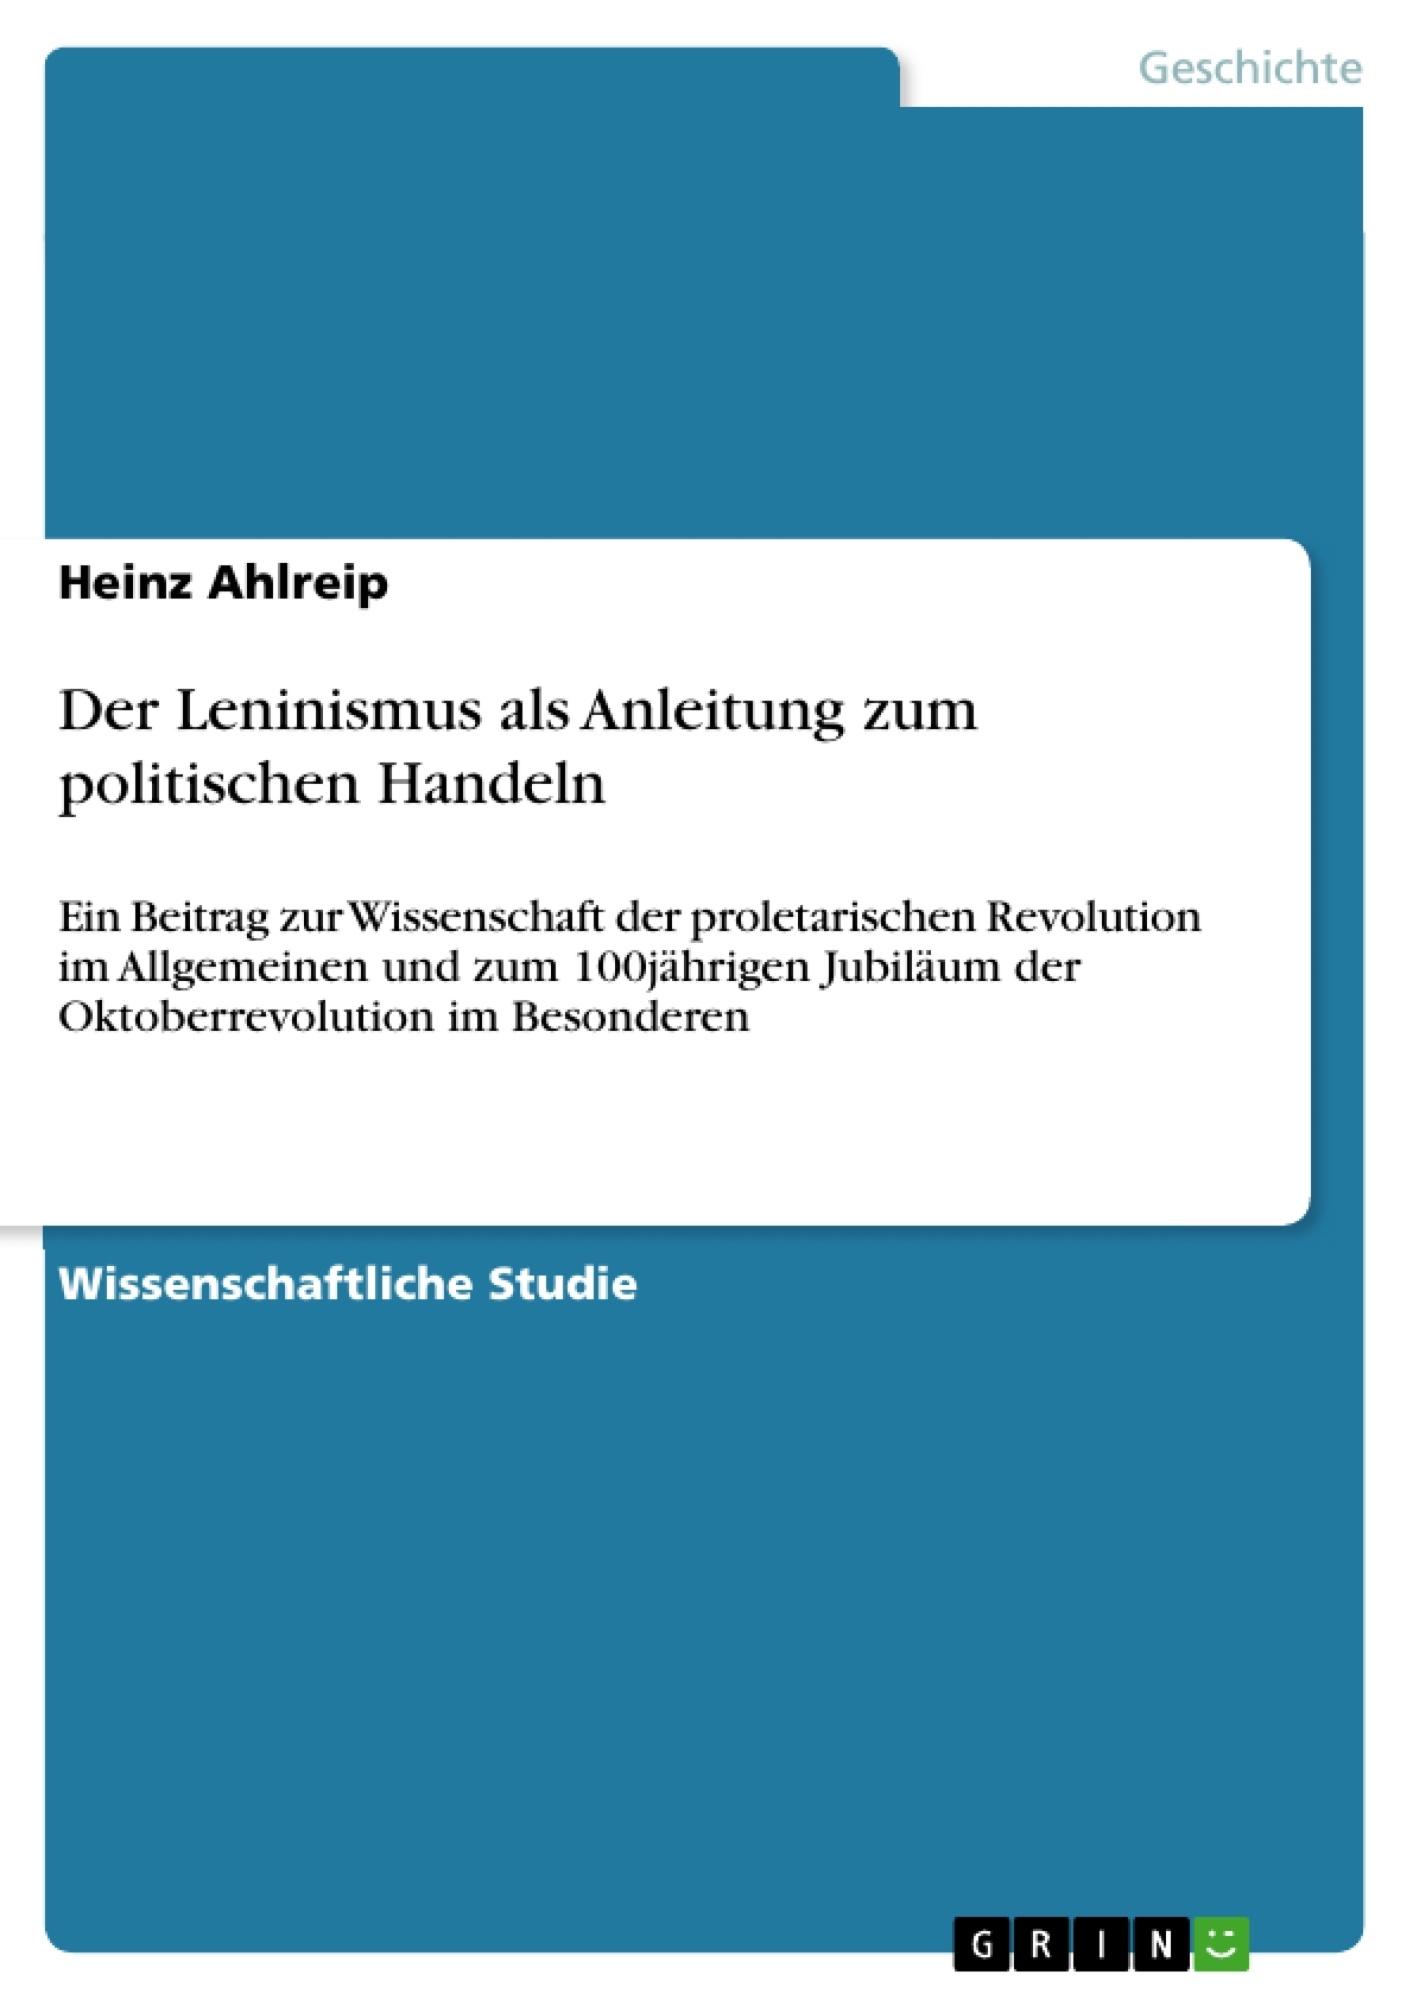 Titel: Der Leninismus als Anleitung zum politischen Handeln